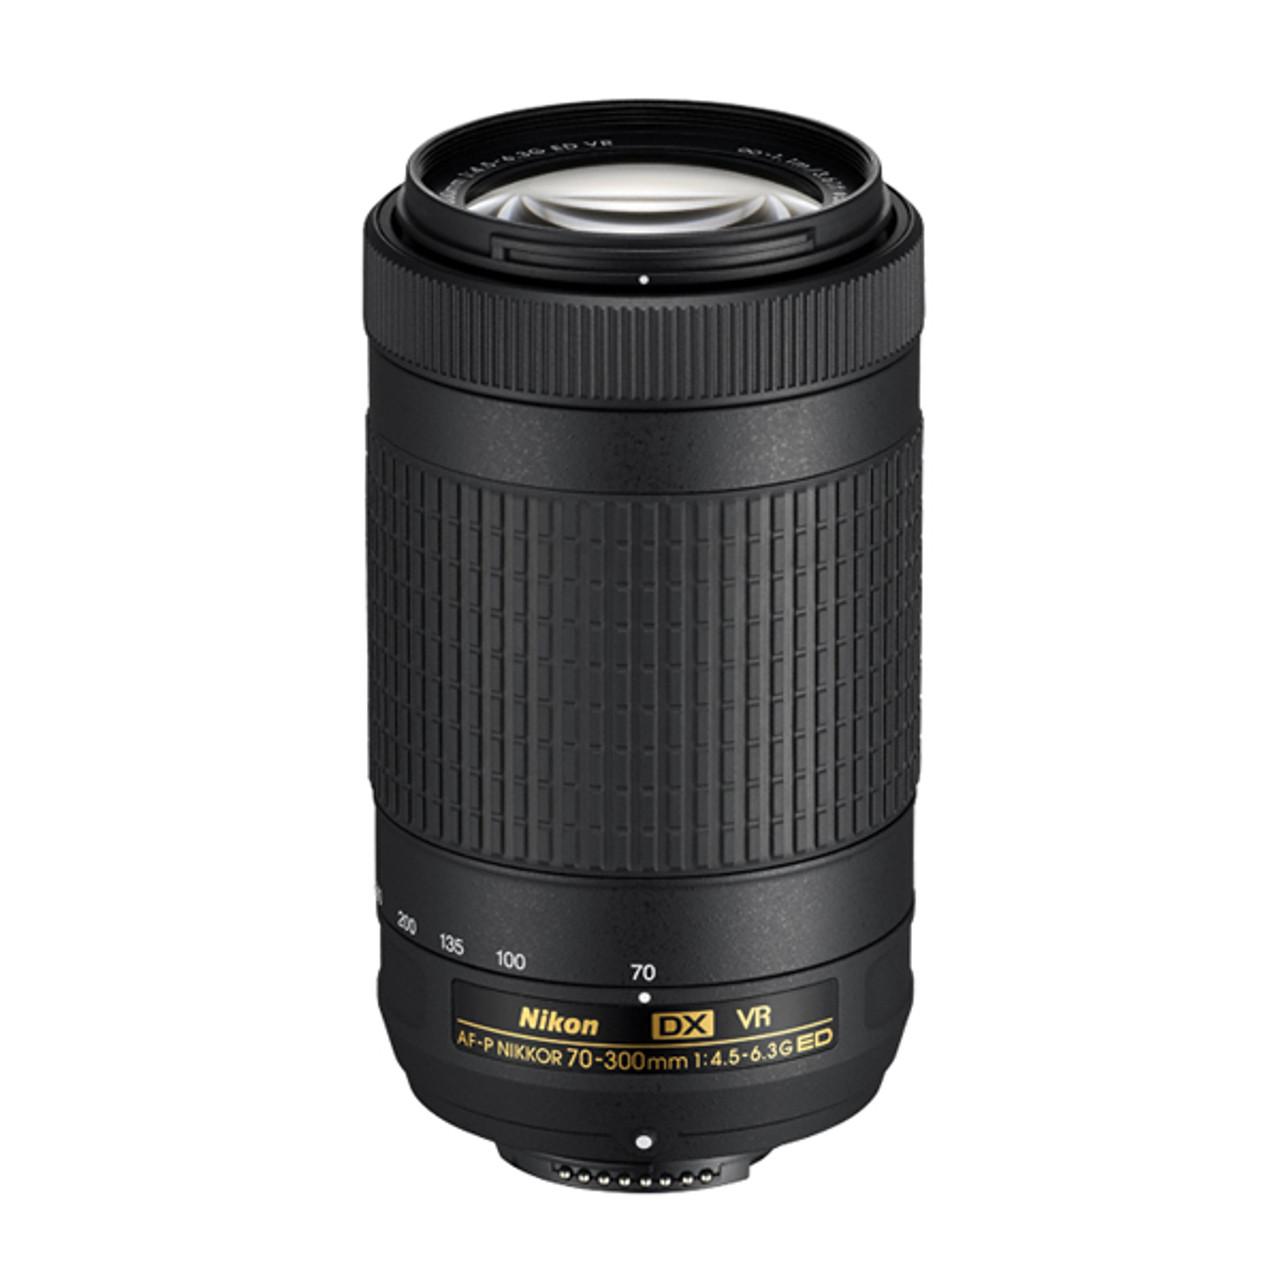 Nikon AF-P 70-300mm F4.5-6.3G ED VR DX